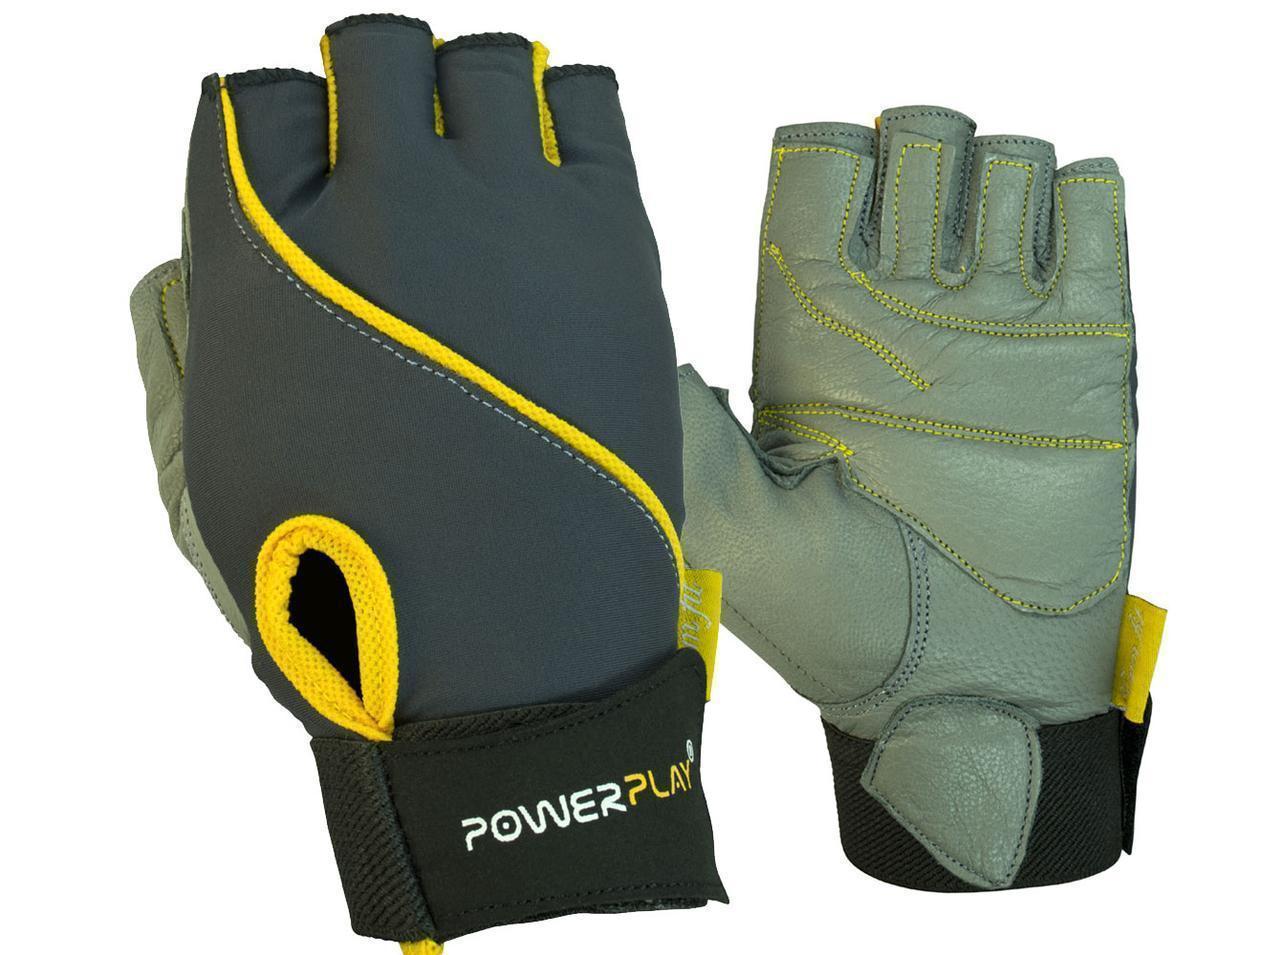 Рукавички для фітнесу PowerPlay 1725 B жіночі Сіро-Жовті S